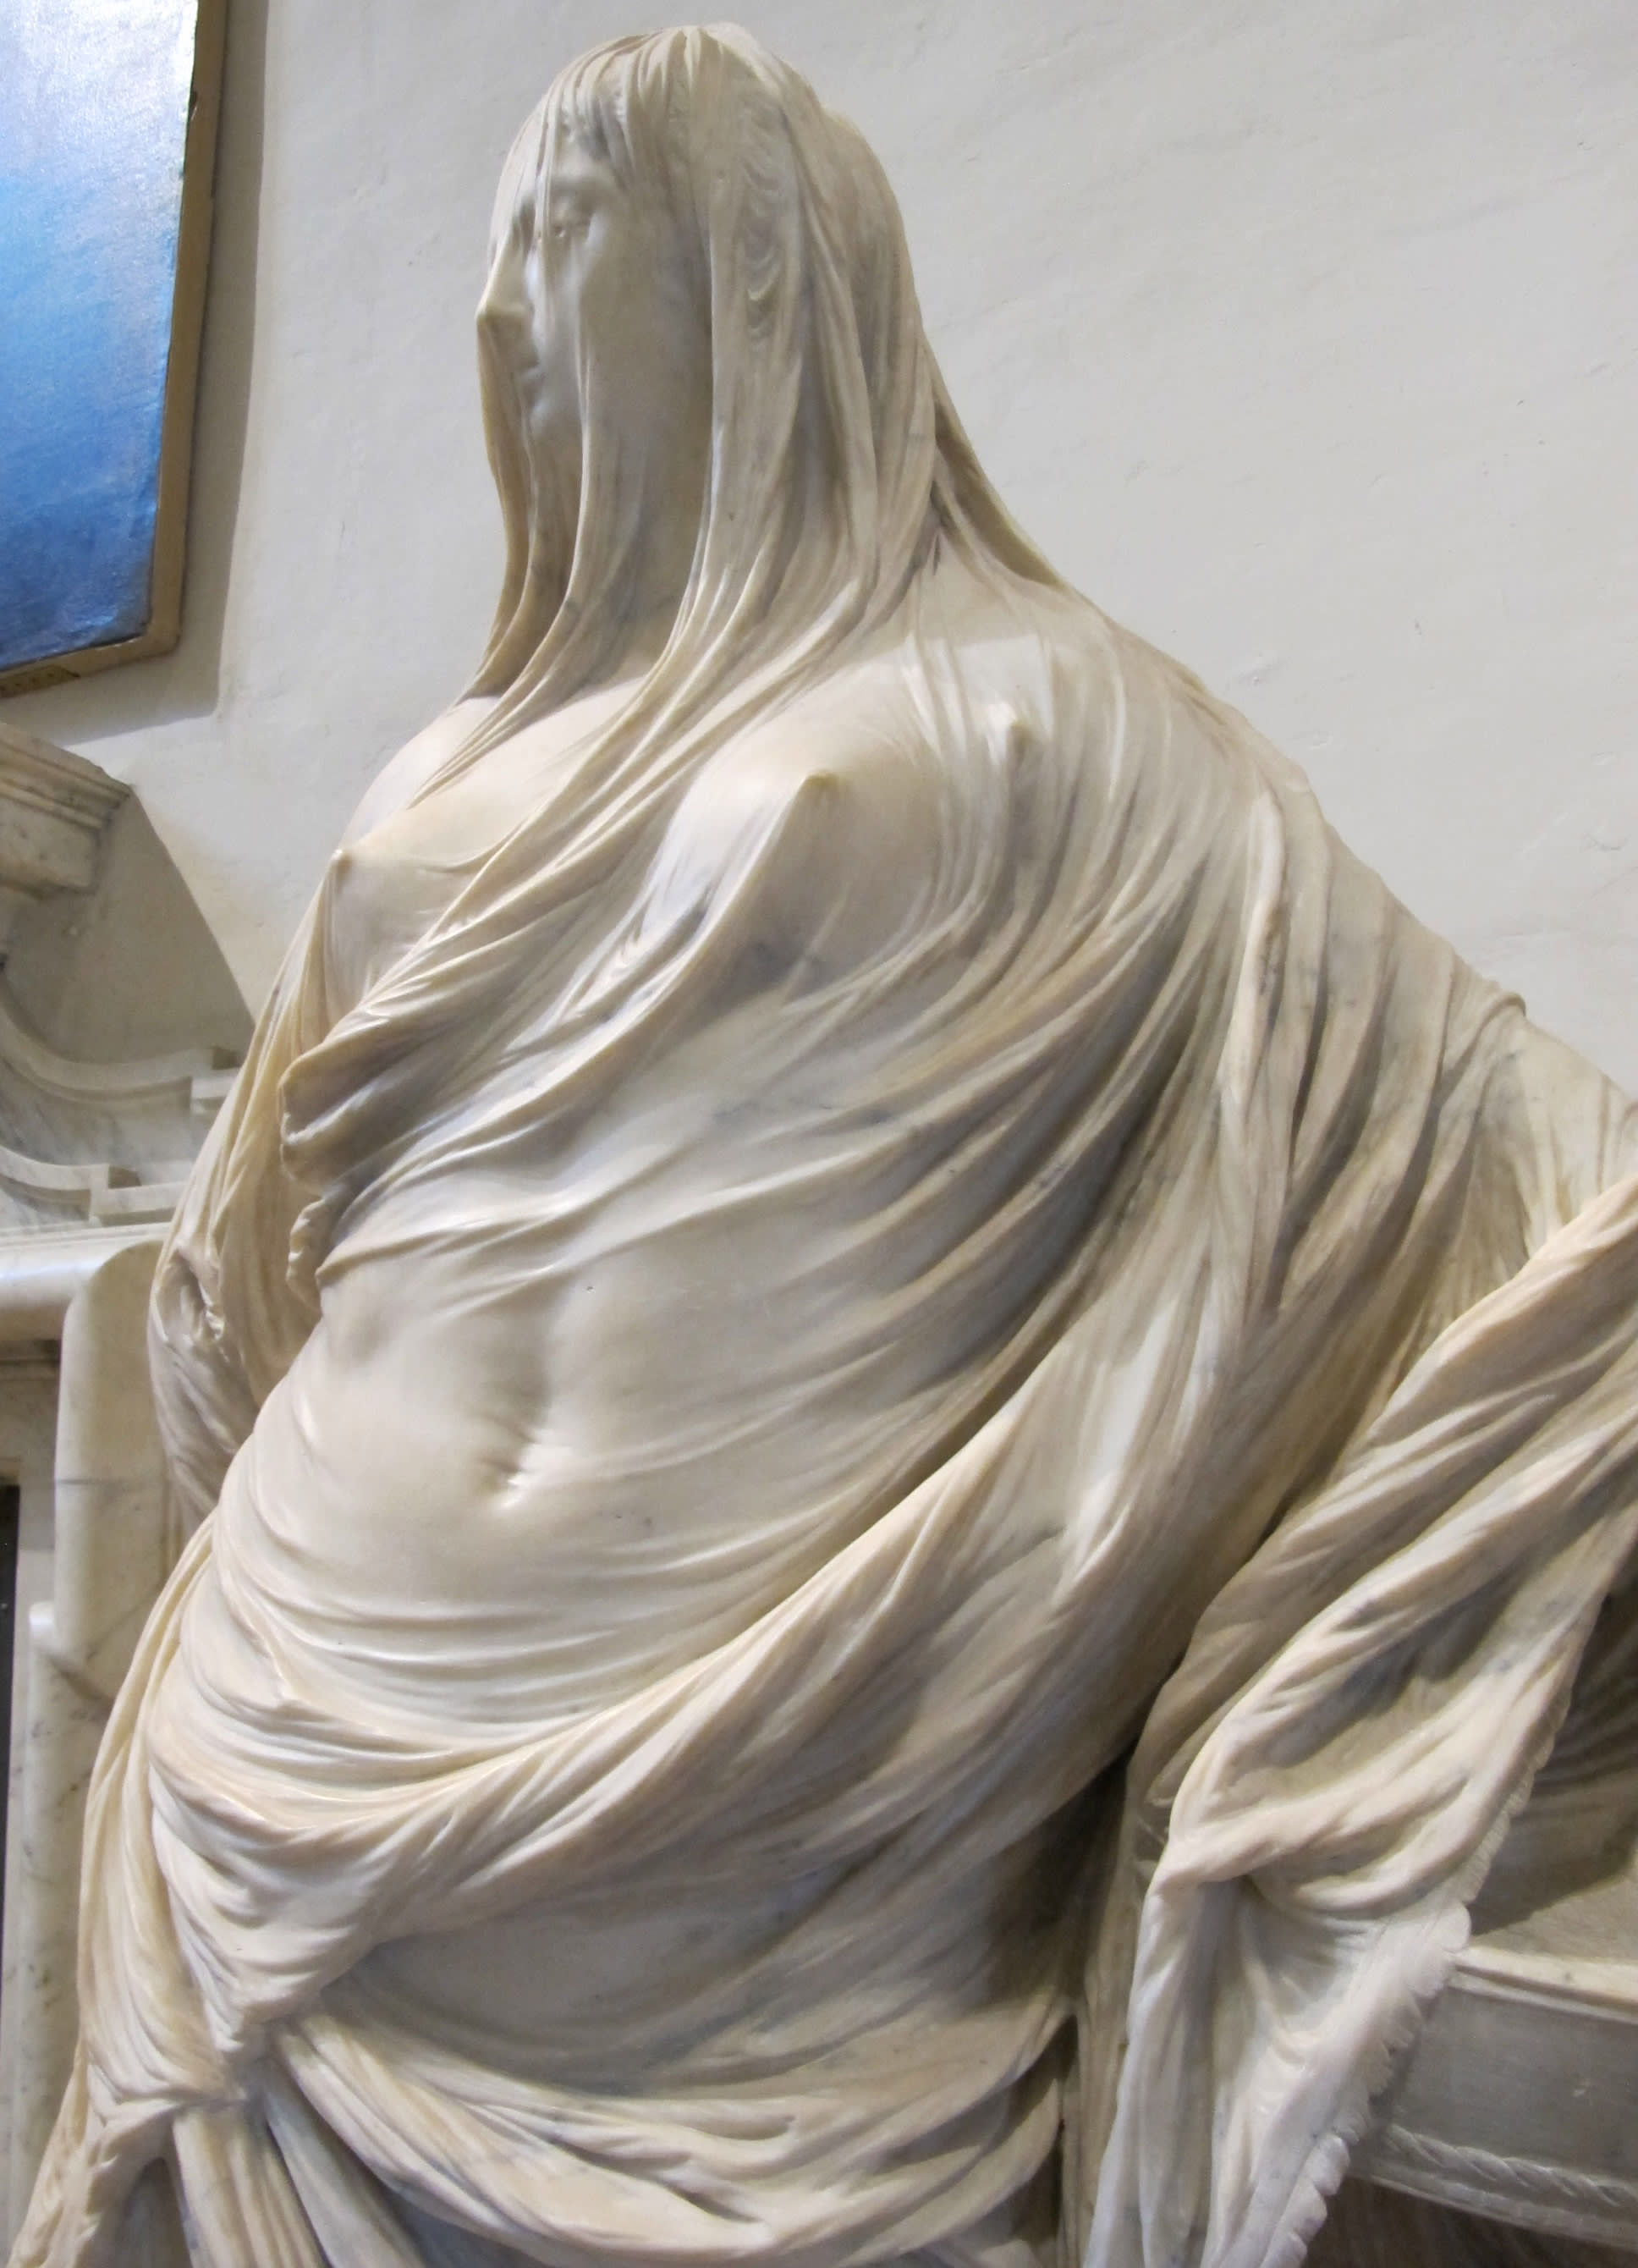 Escultura simula uma mulher nua coberta por véus